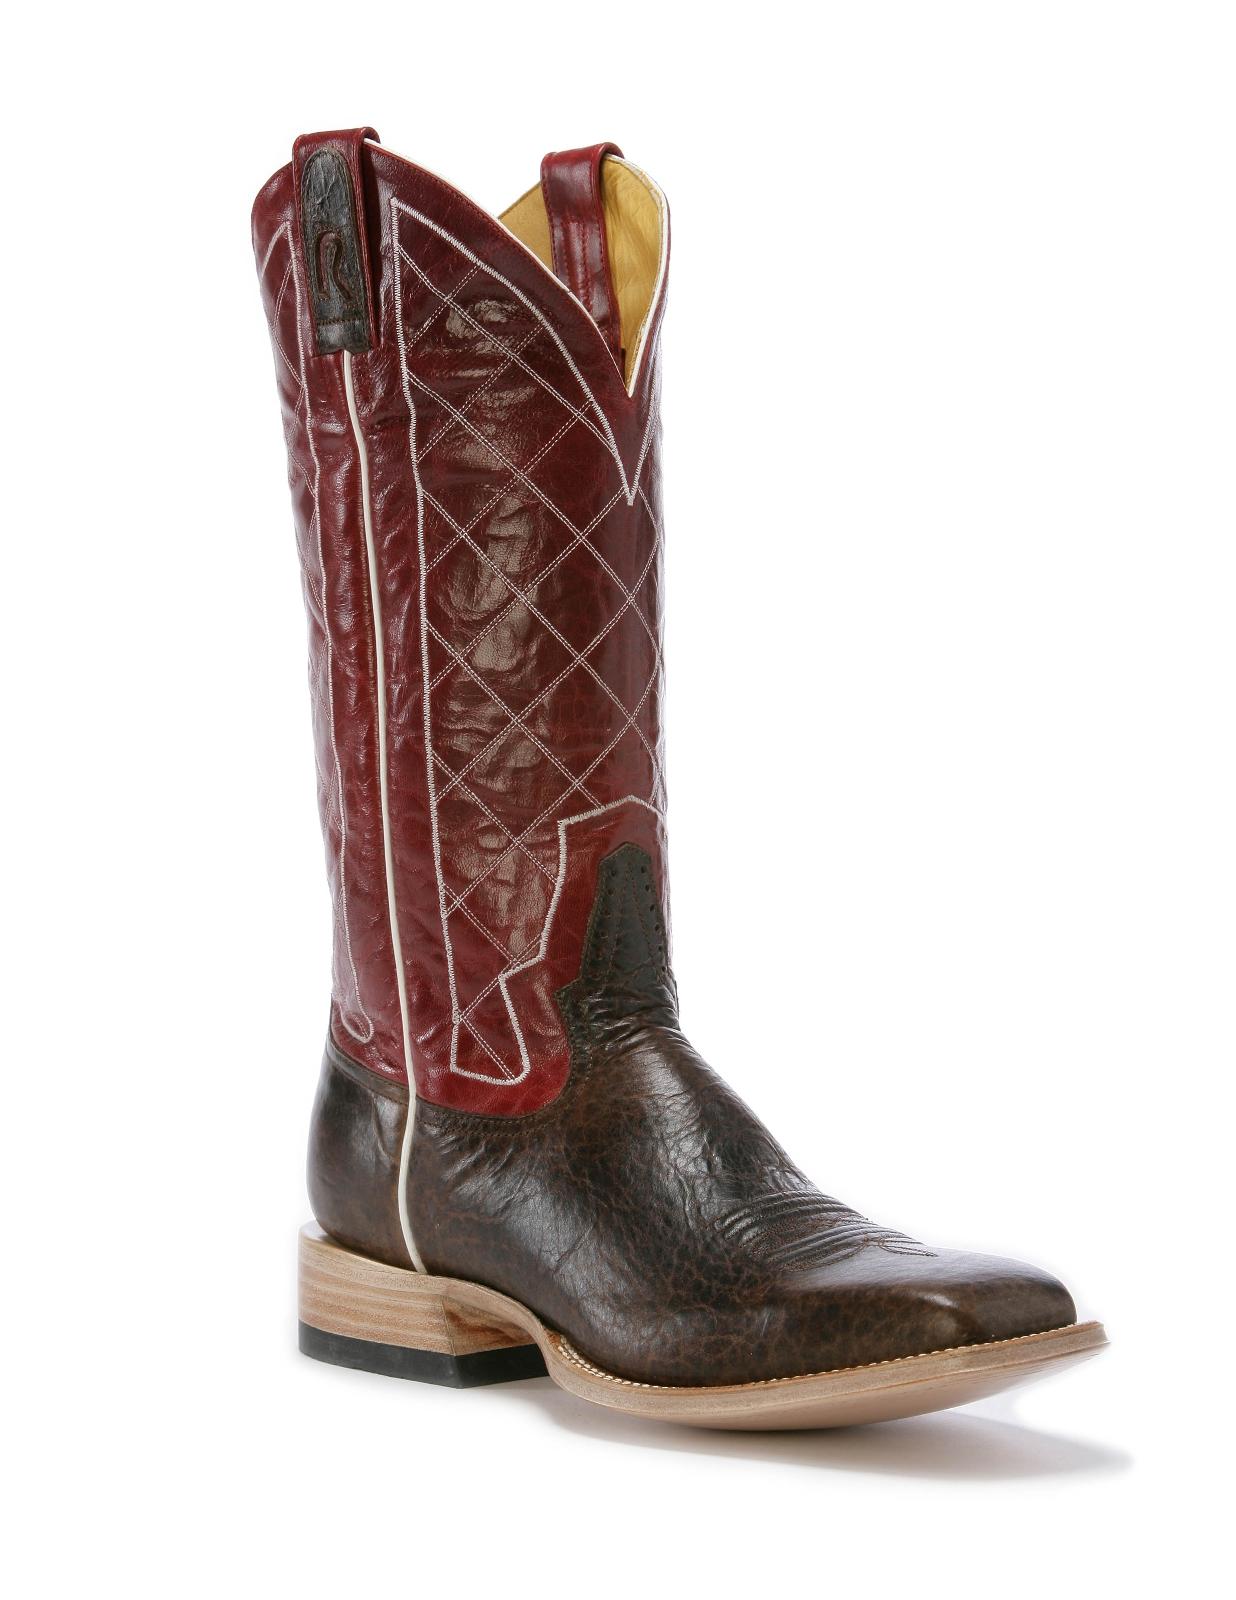 Rod Patrick Antique Bison Mocha Square Toe Boots RPM106